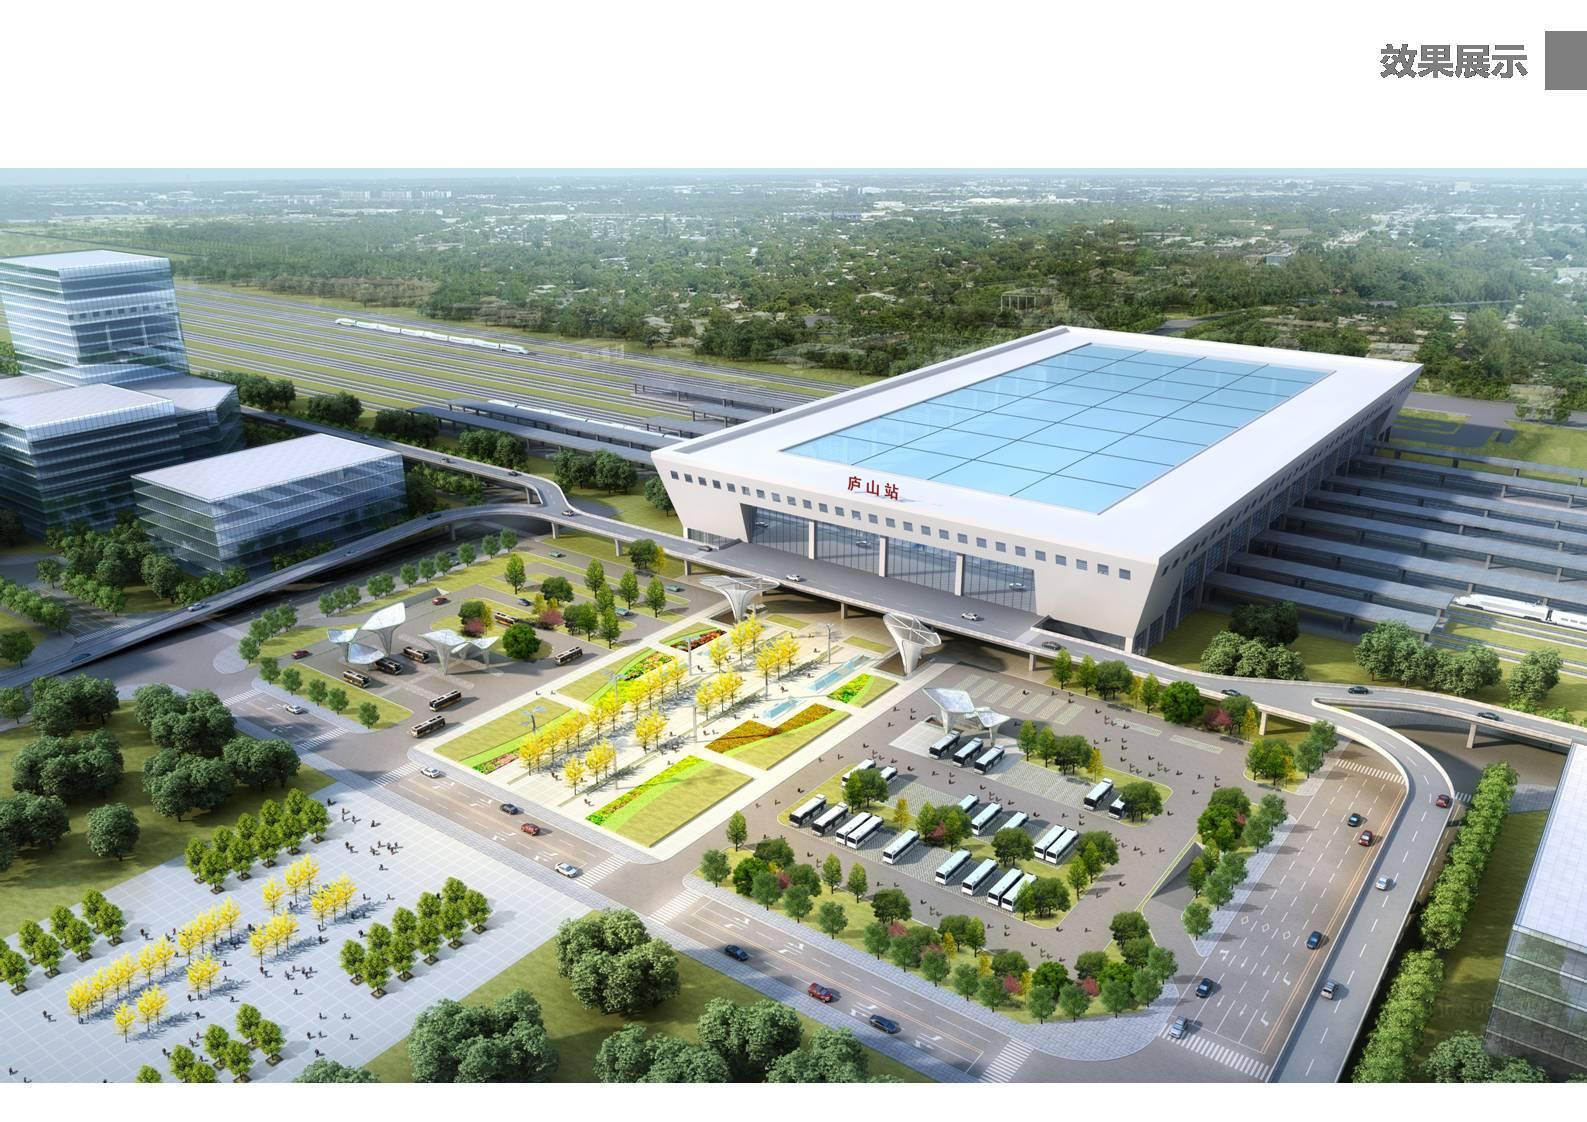 九江高铁枢纽工程设计招标 设计费2千万元,项目总投资约18亿元